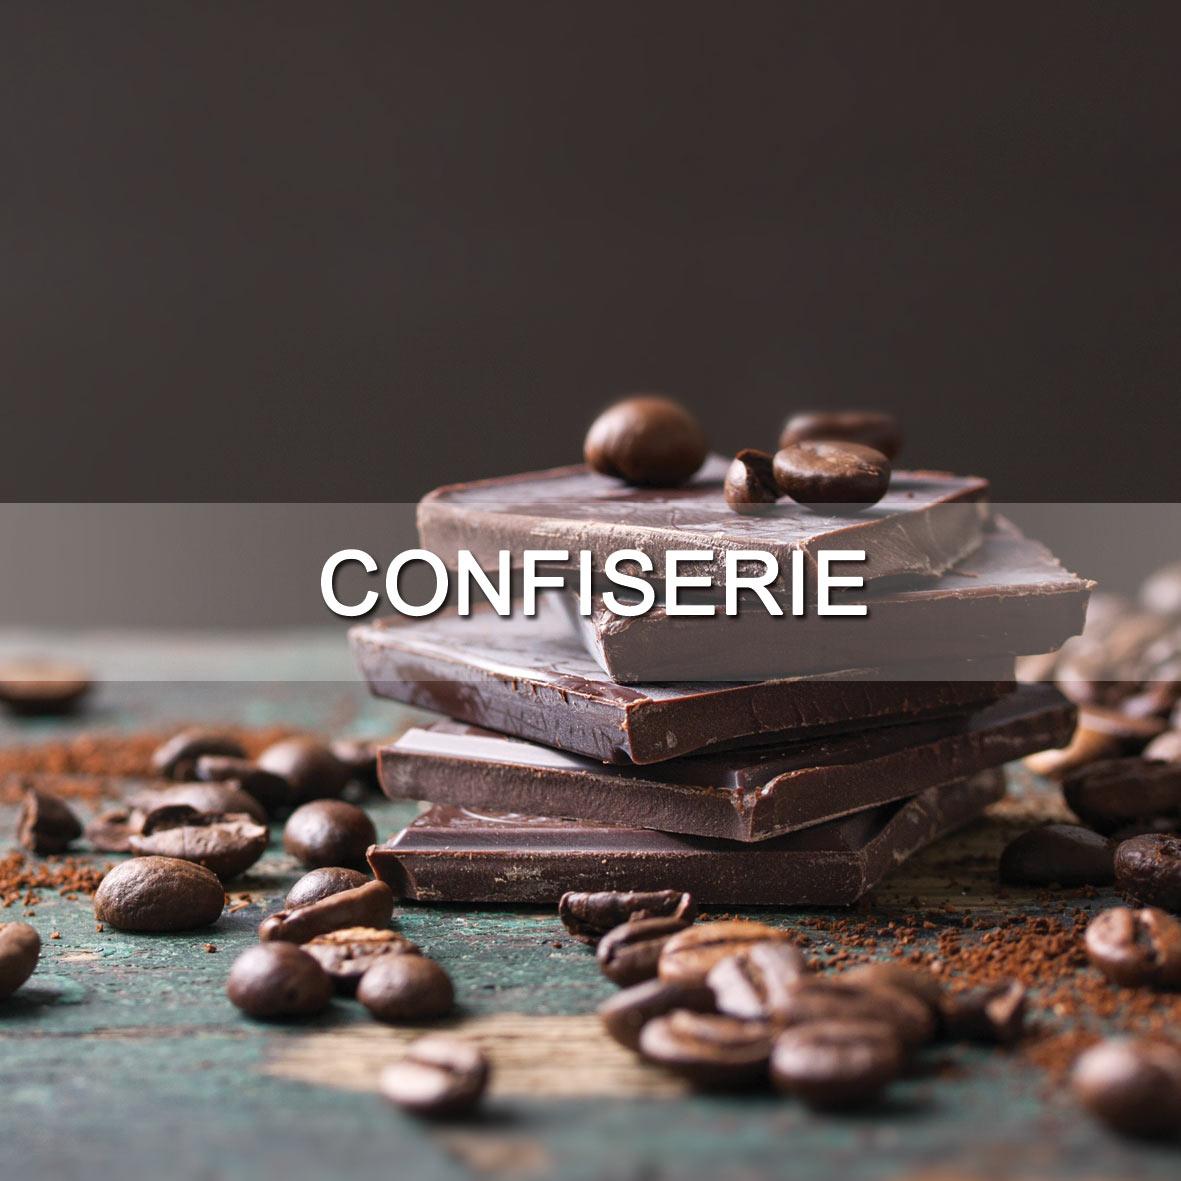 Le Fumoir de Saint-Cast vous présente ses produits d'épicerie fine sucrées : confiserie